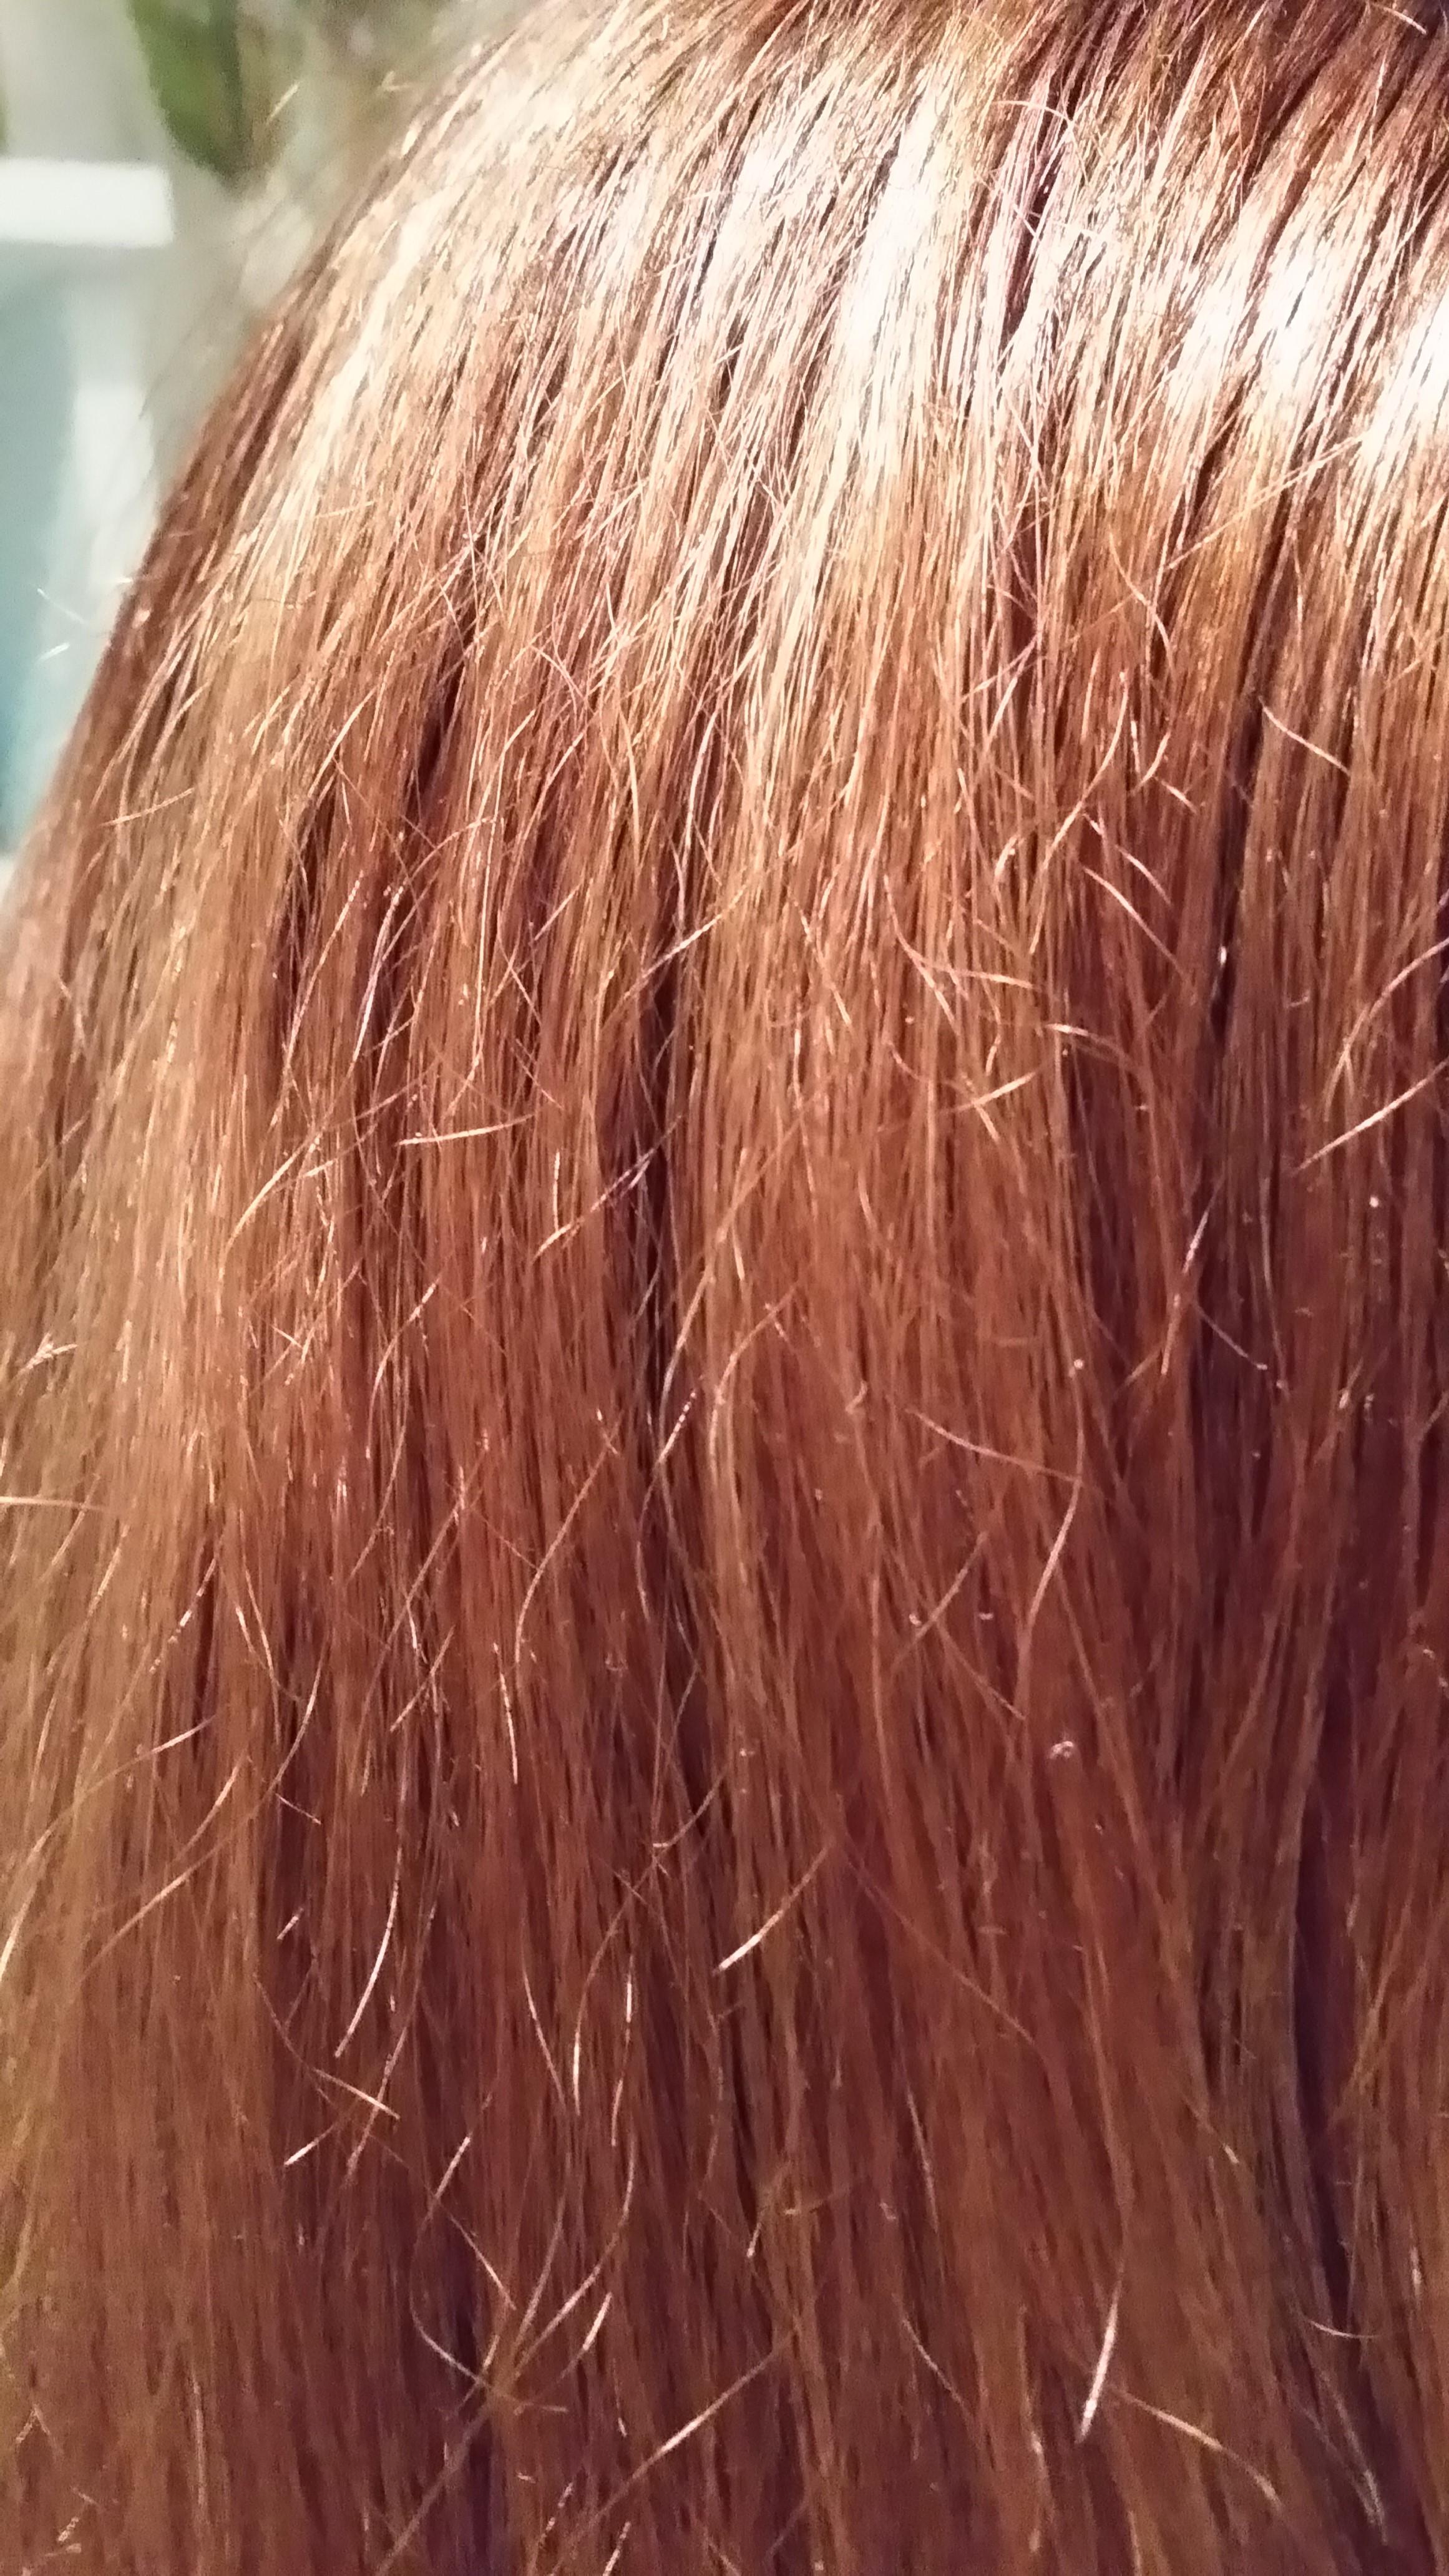 rot orange haare blond f rben sollte ich sie vorher blondieren farbe friseur. Black Bedroom Furniture Sets. Home Design Ideas